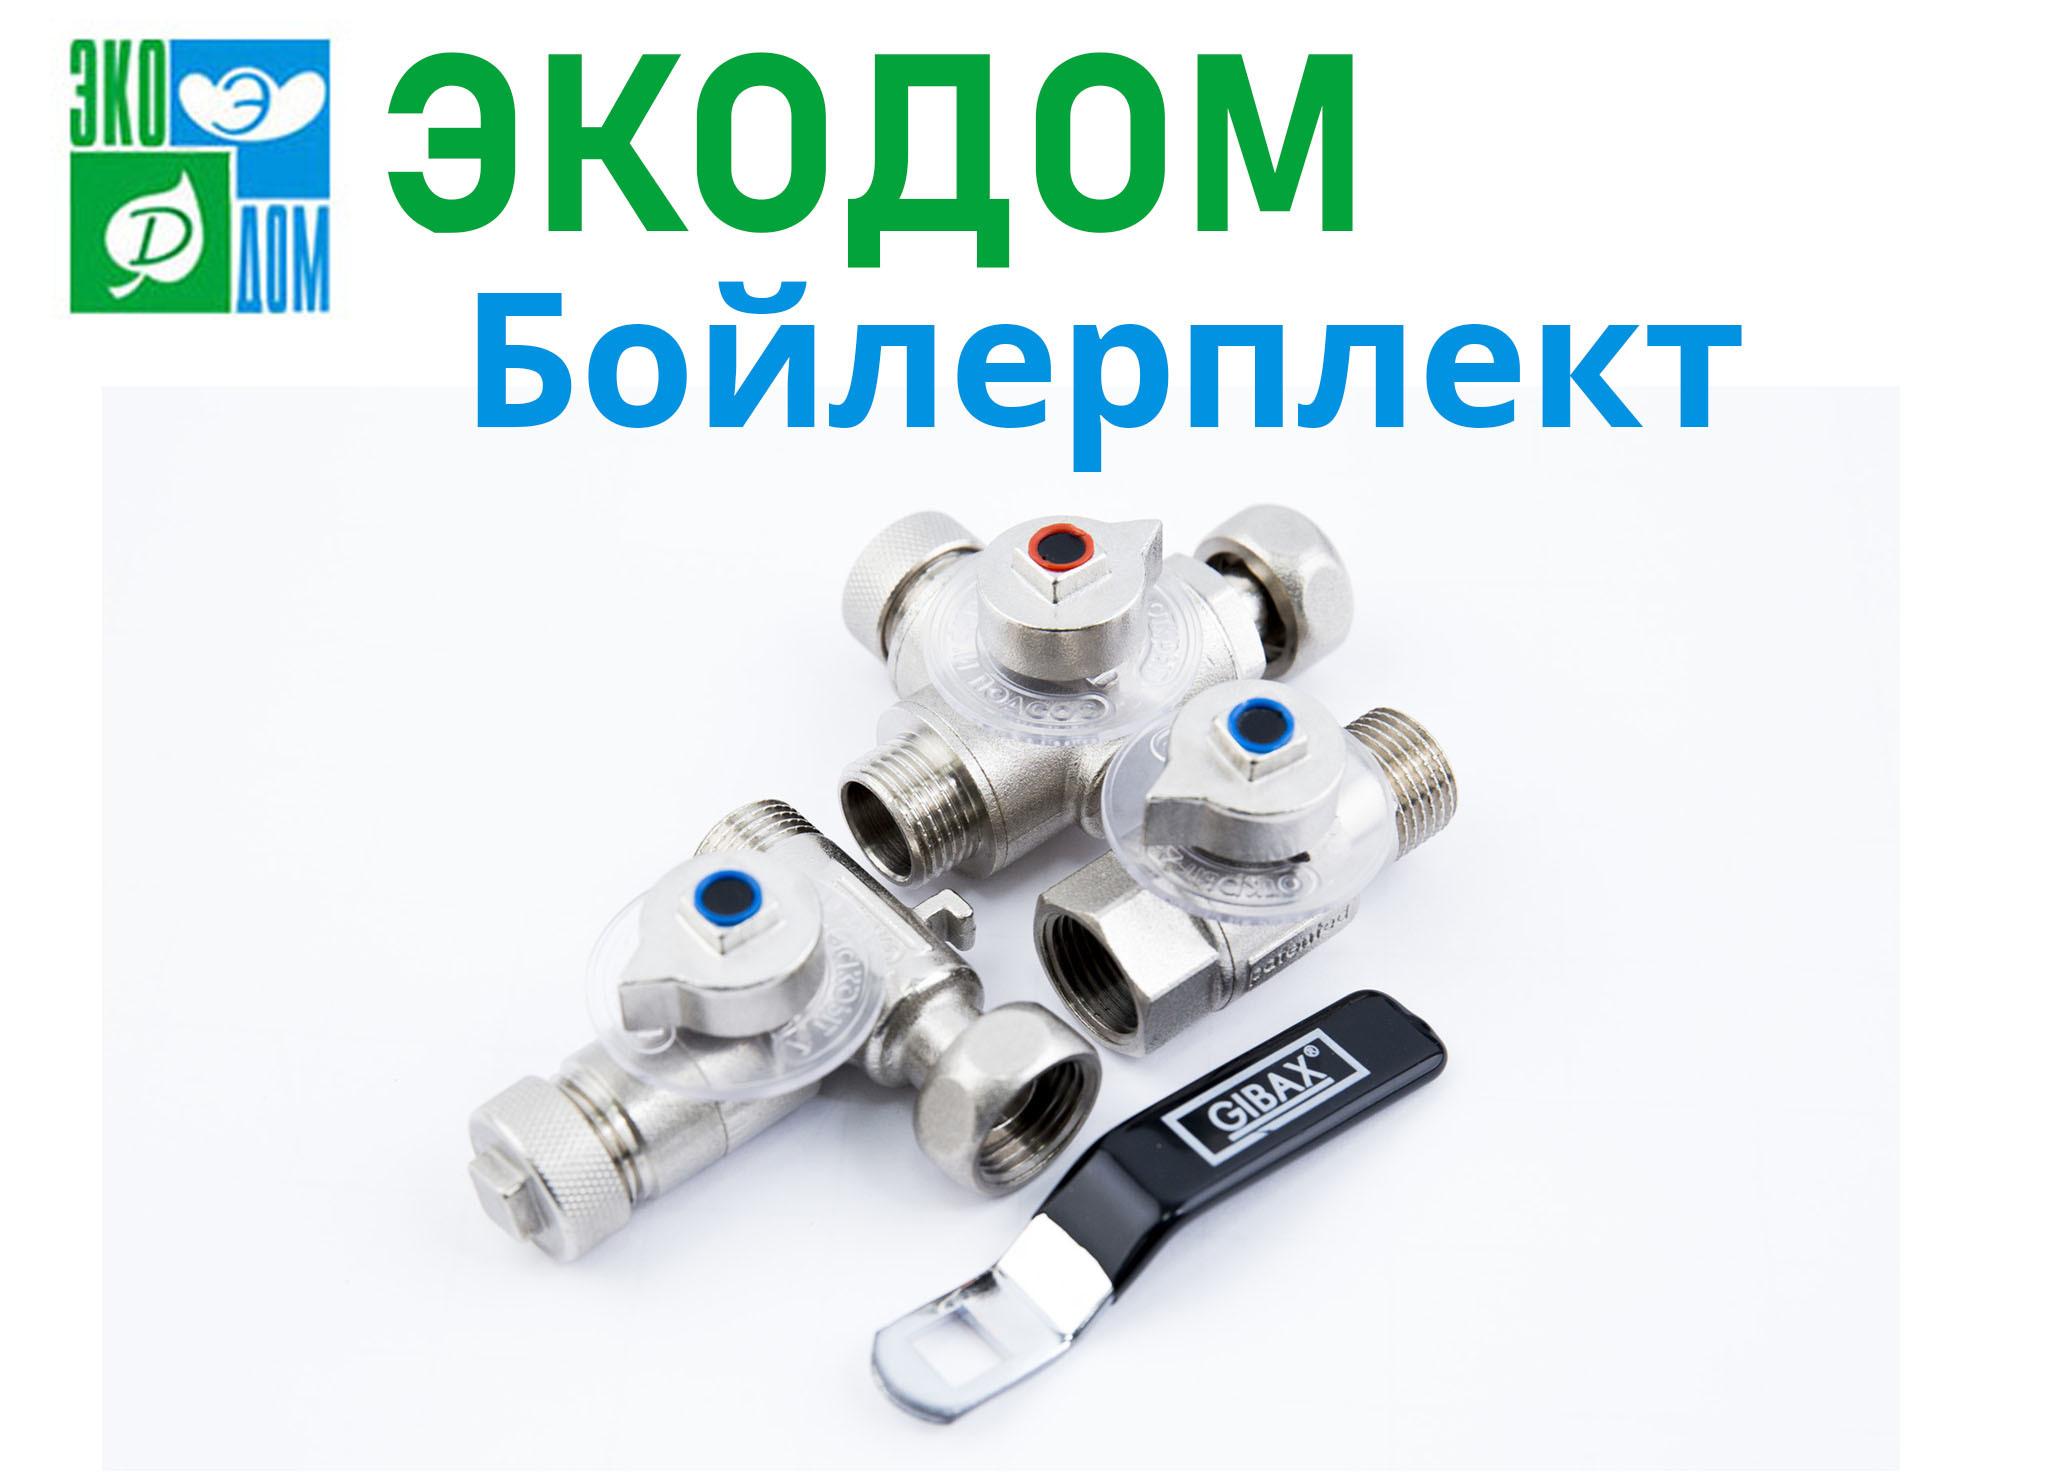 Бойлеркомплект для подключения и слива водонагревателя